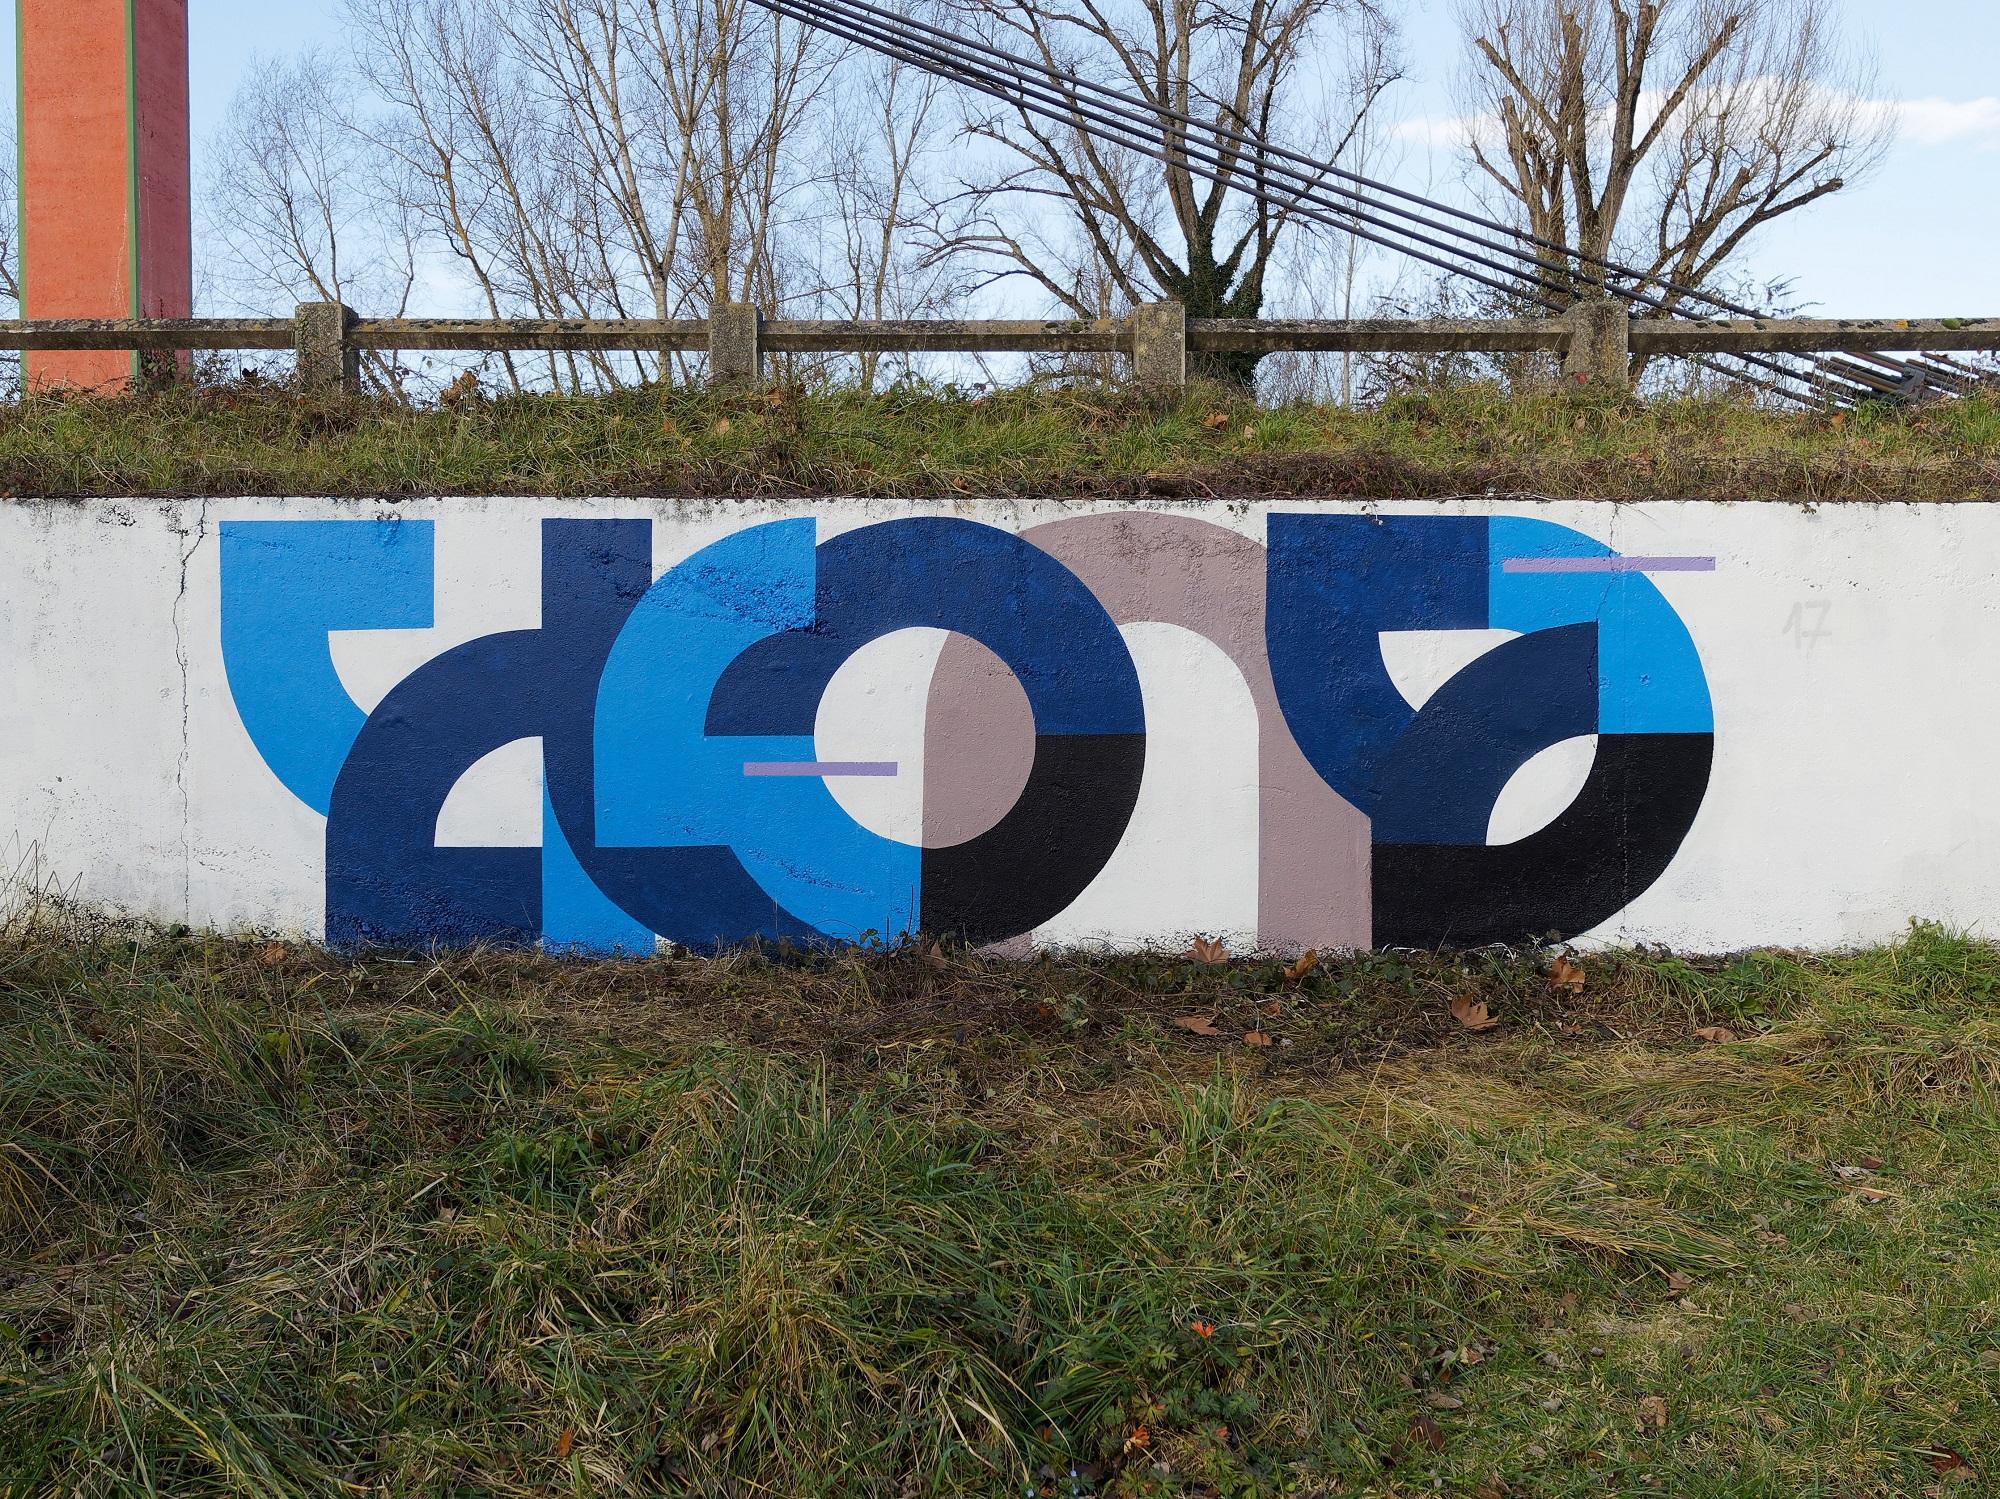 Eko Graffiti